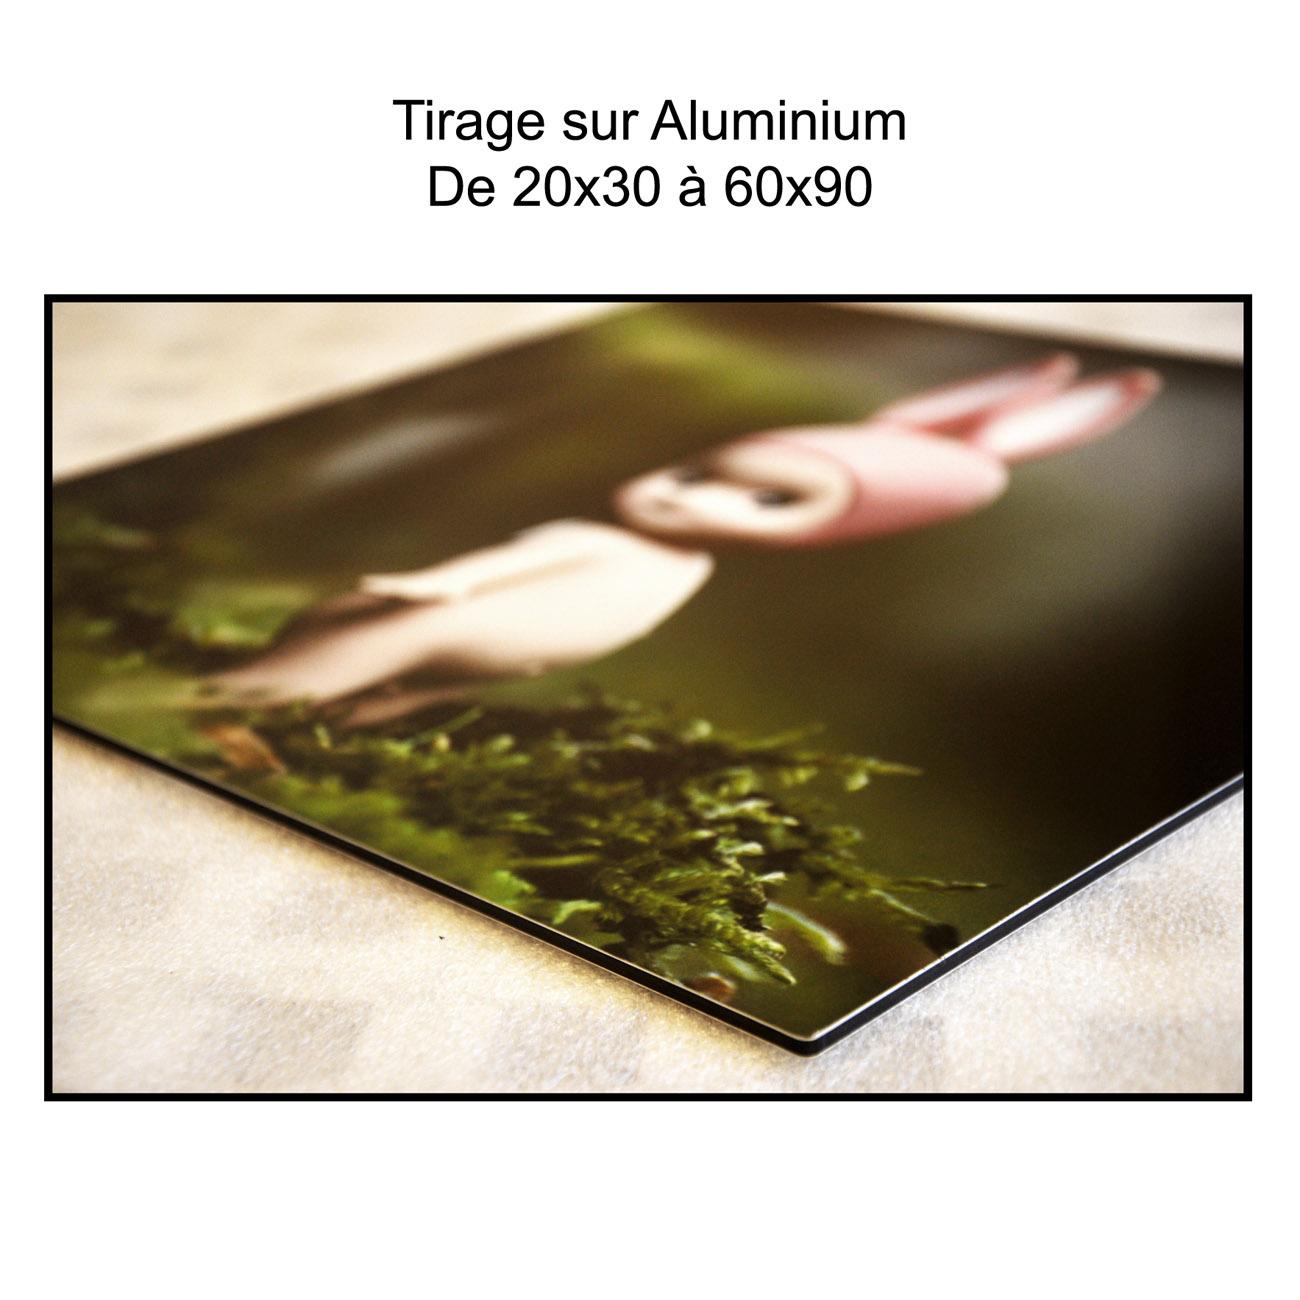 Tirage-sur-aluminium-carre